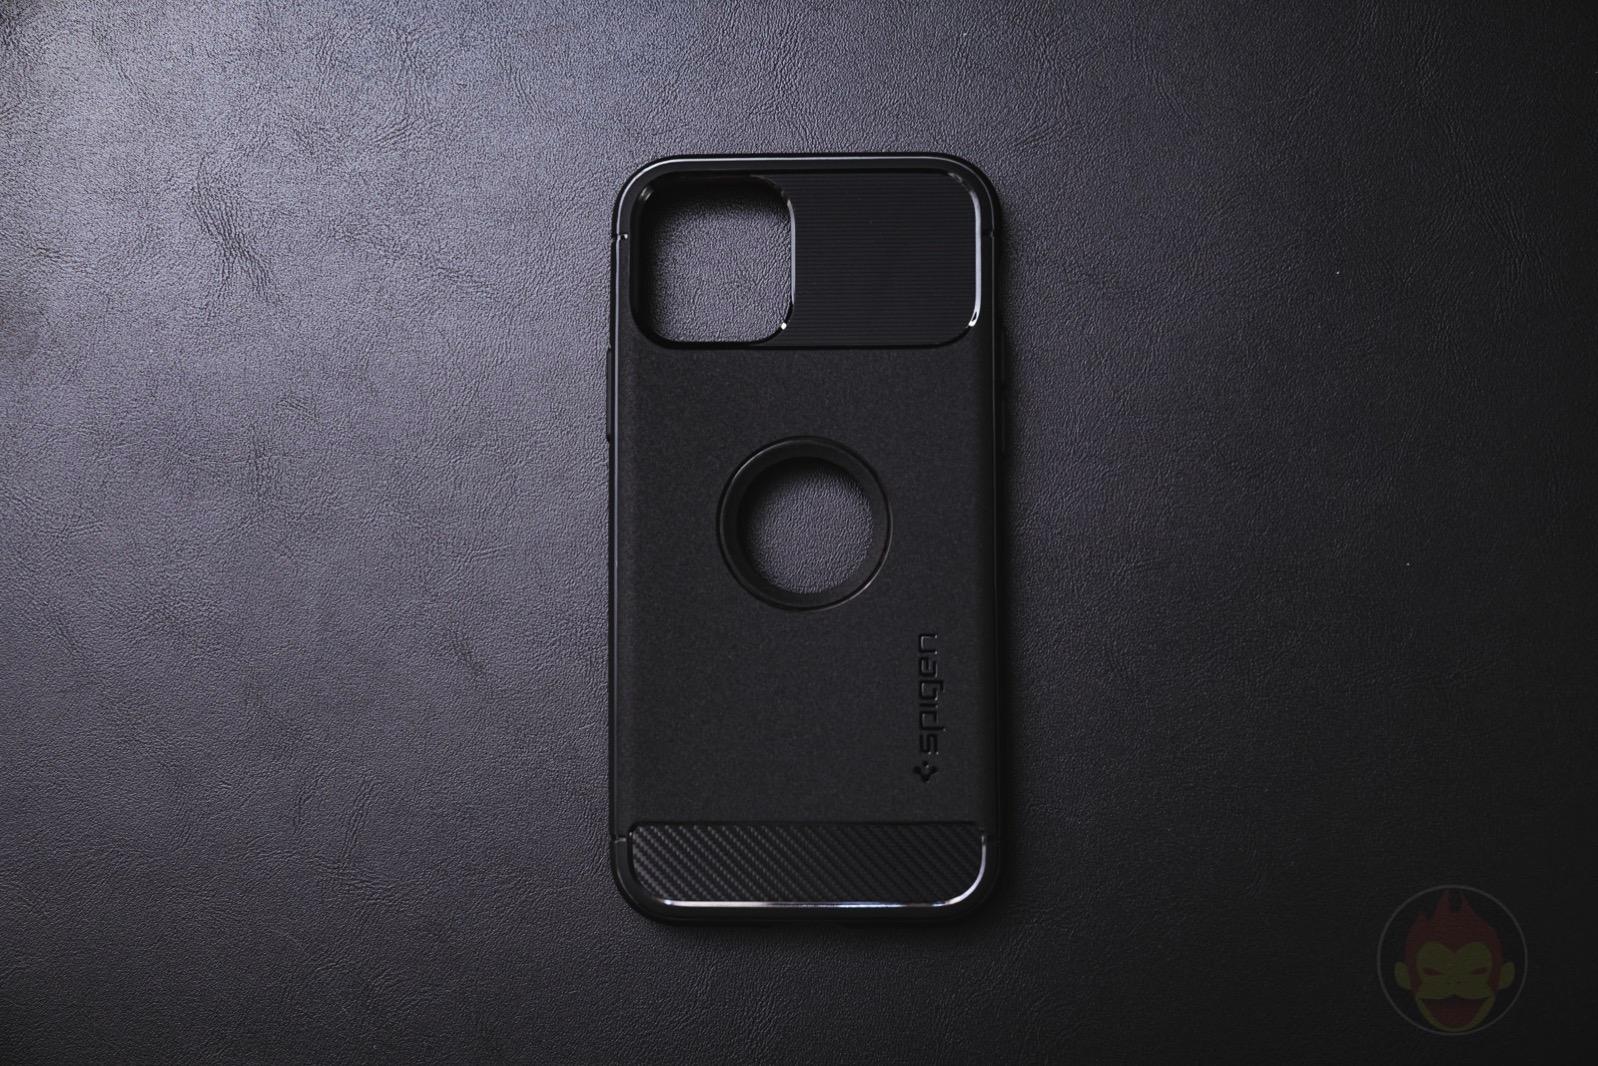 Spigen iPhone 11 Pro Case Review 02